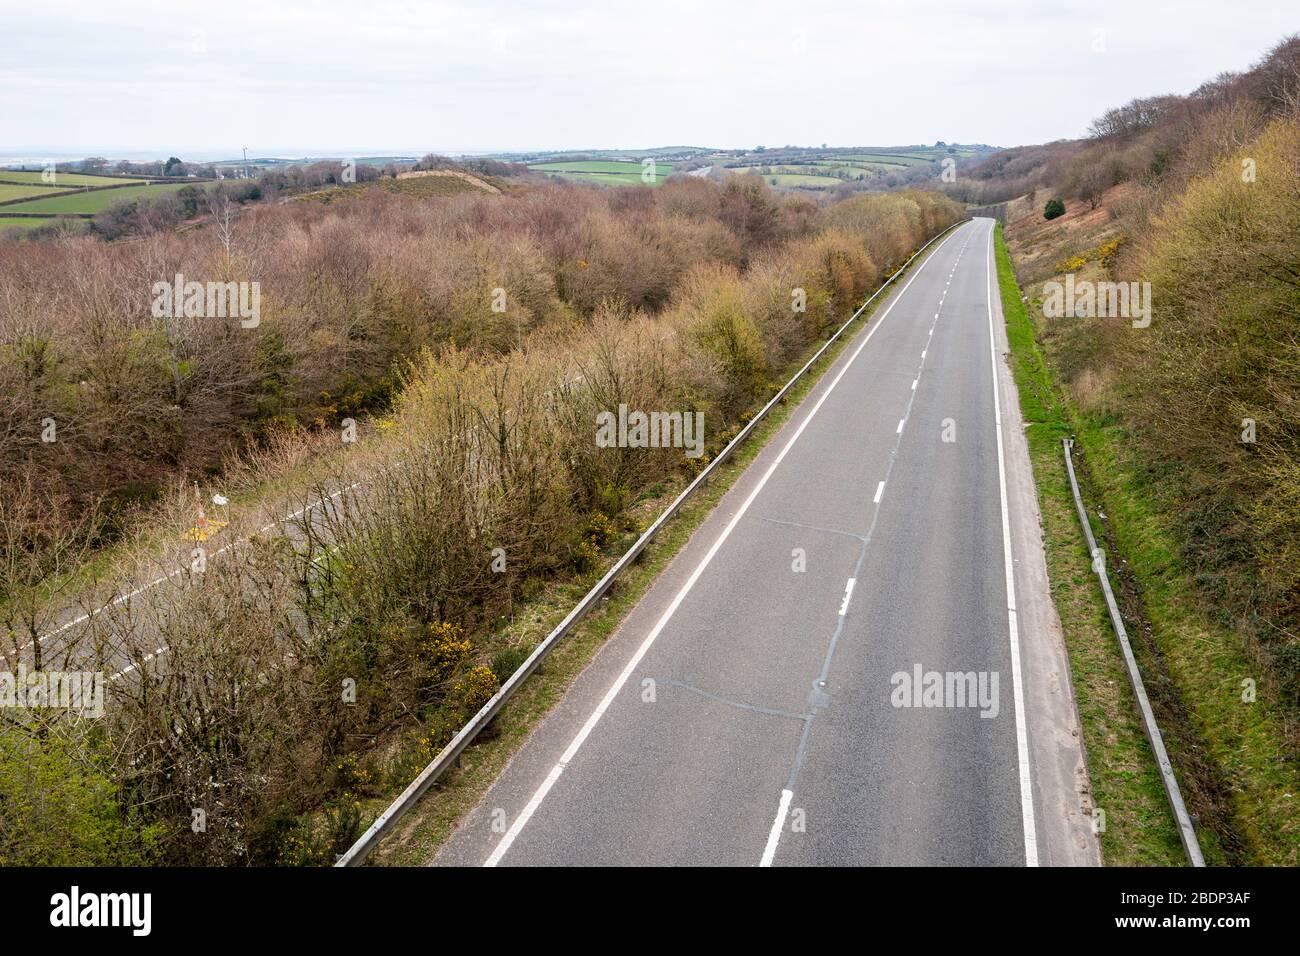 La strada del tronco A30 vuota non mostra alcun traffico di primavera per la Cornovaglia nel sud-ovest dell'Inghilterra durante le restrizioni di viaggio COVID-19, aprile 2020. Foto Stock